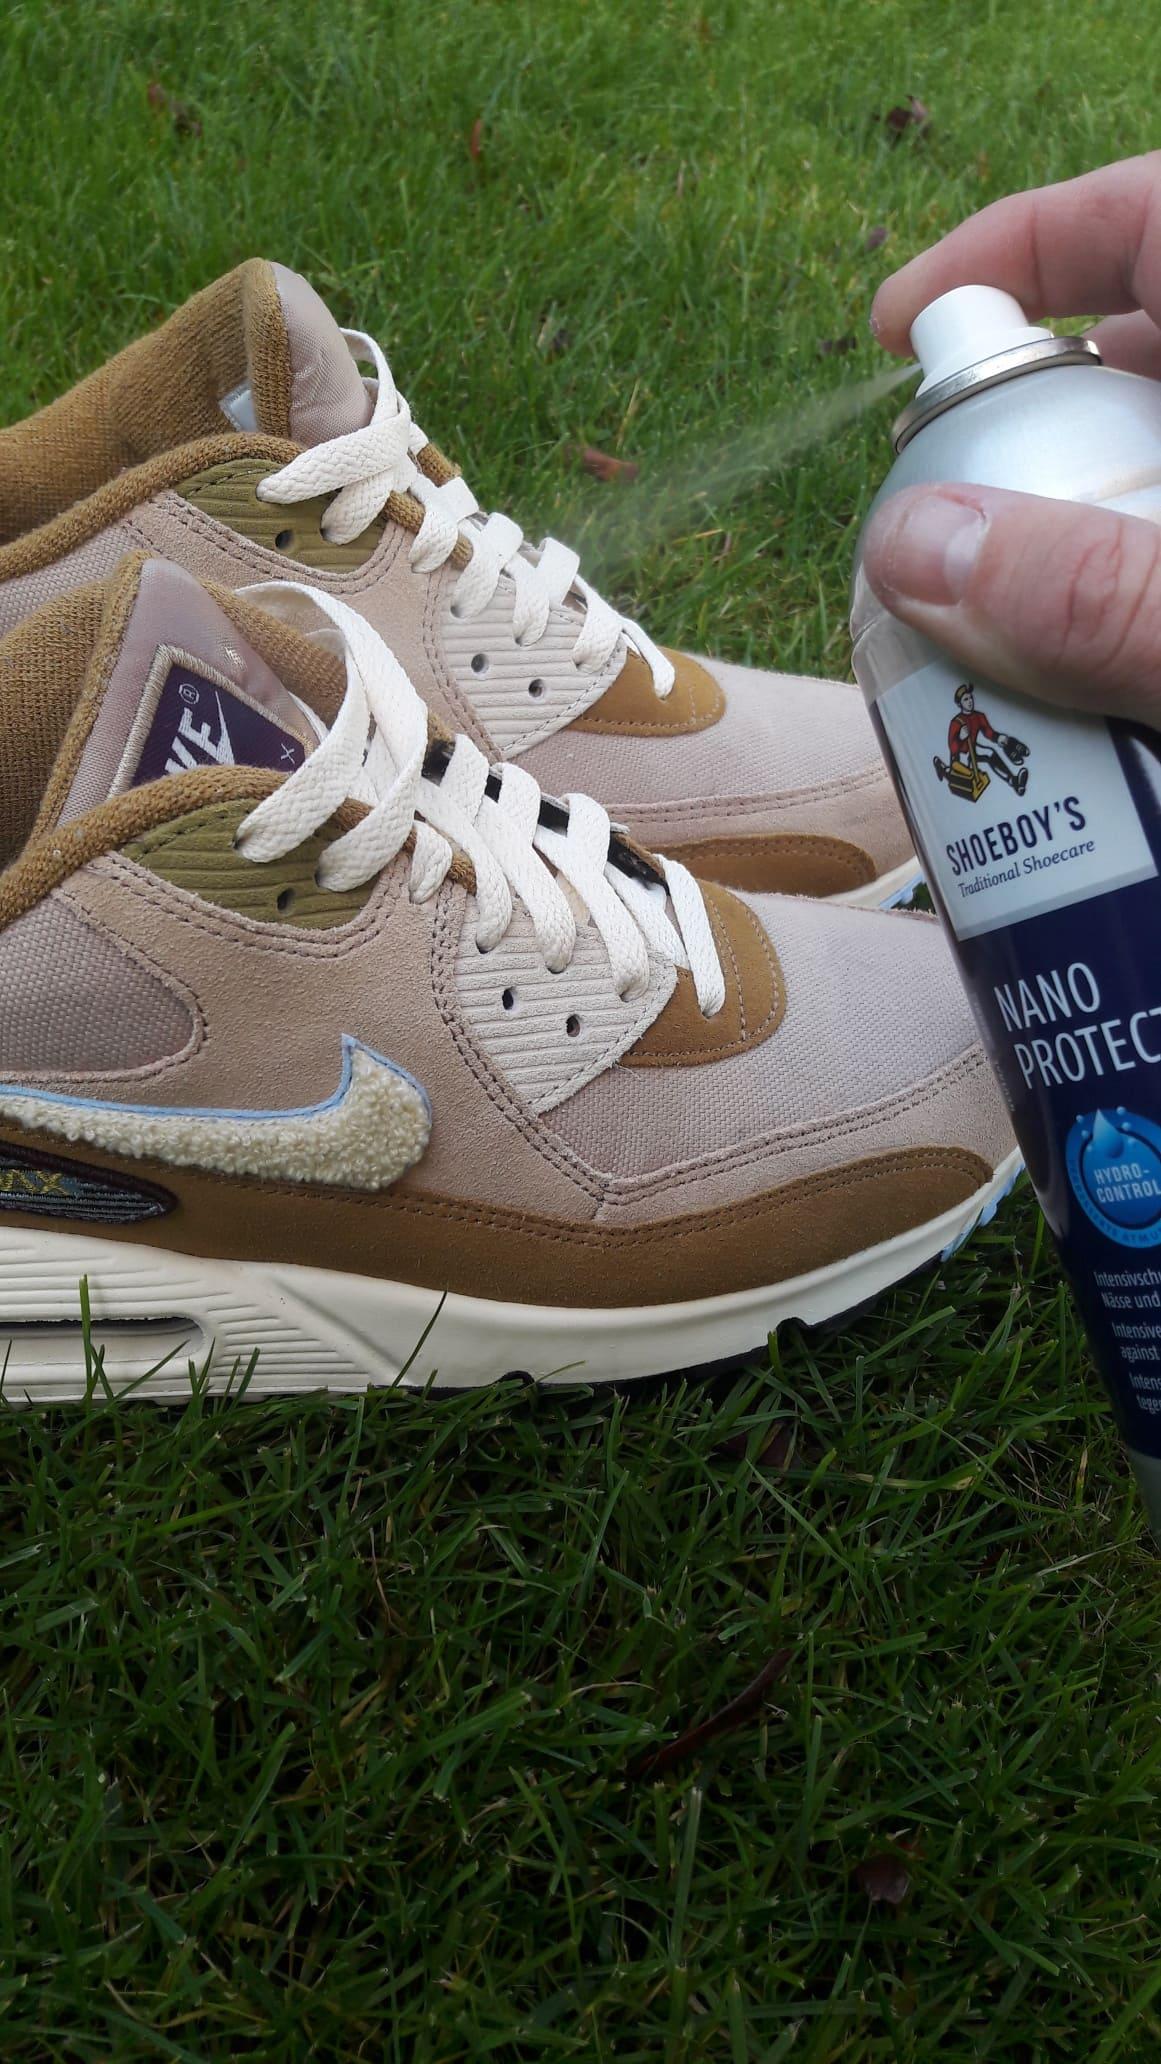 sneakers beschermen